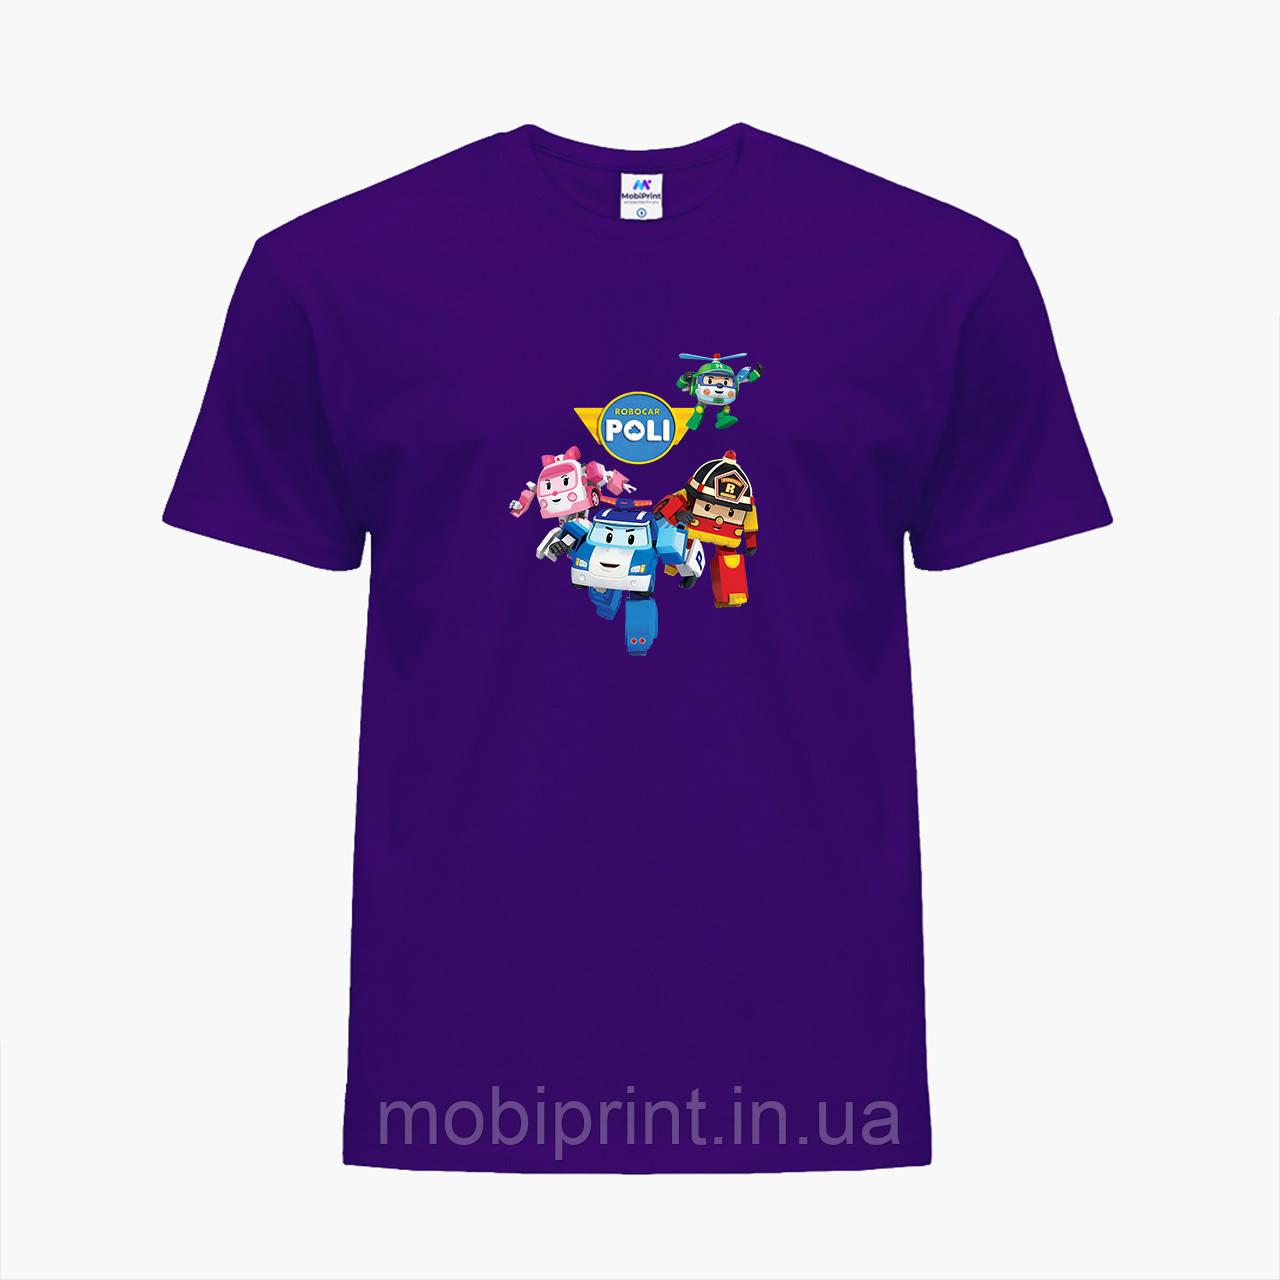 Детская футболка для девочек Робокар Поли (Robocar Poli) (25186-1618) Фиолетовый